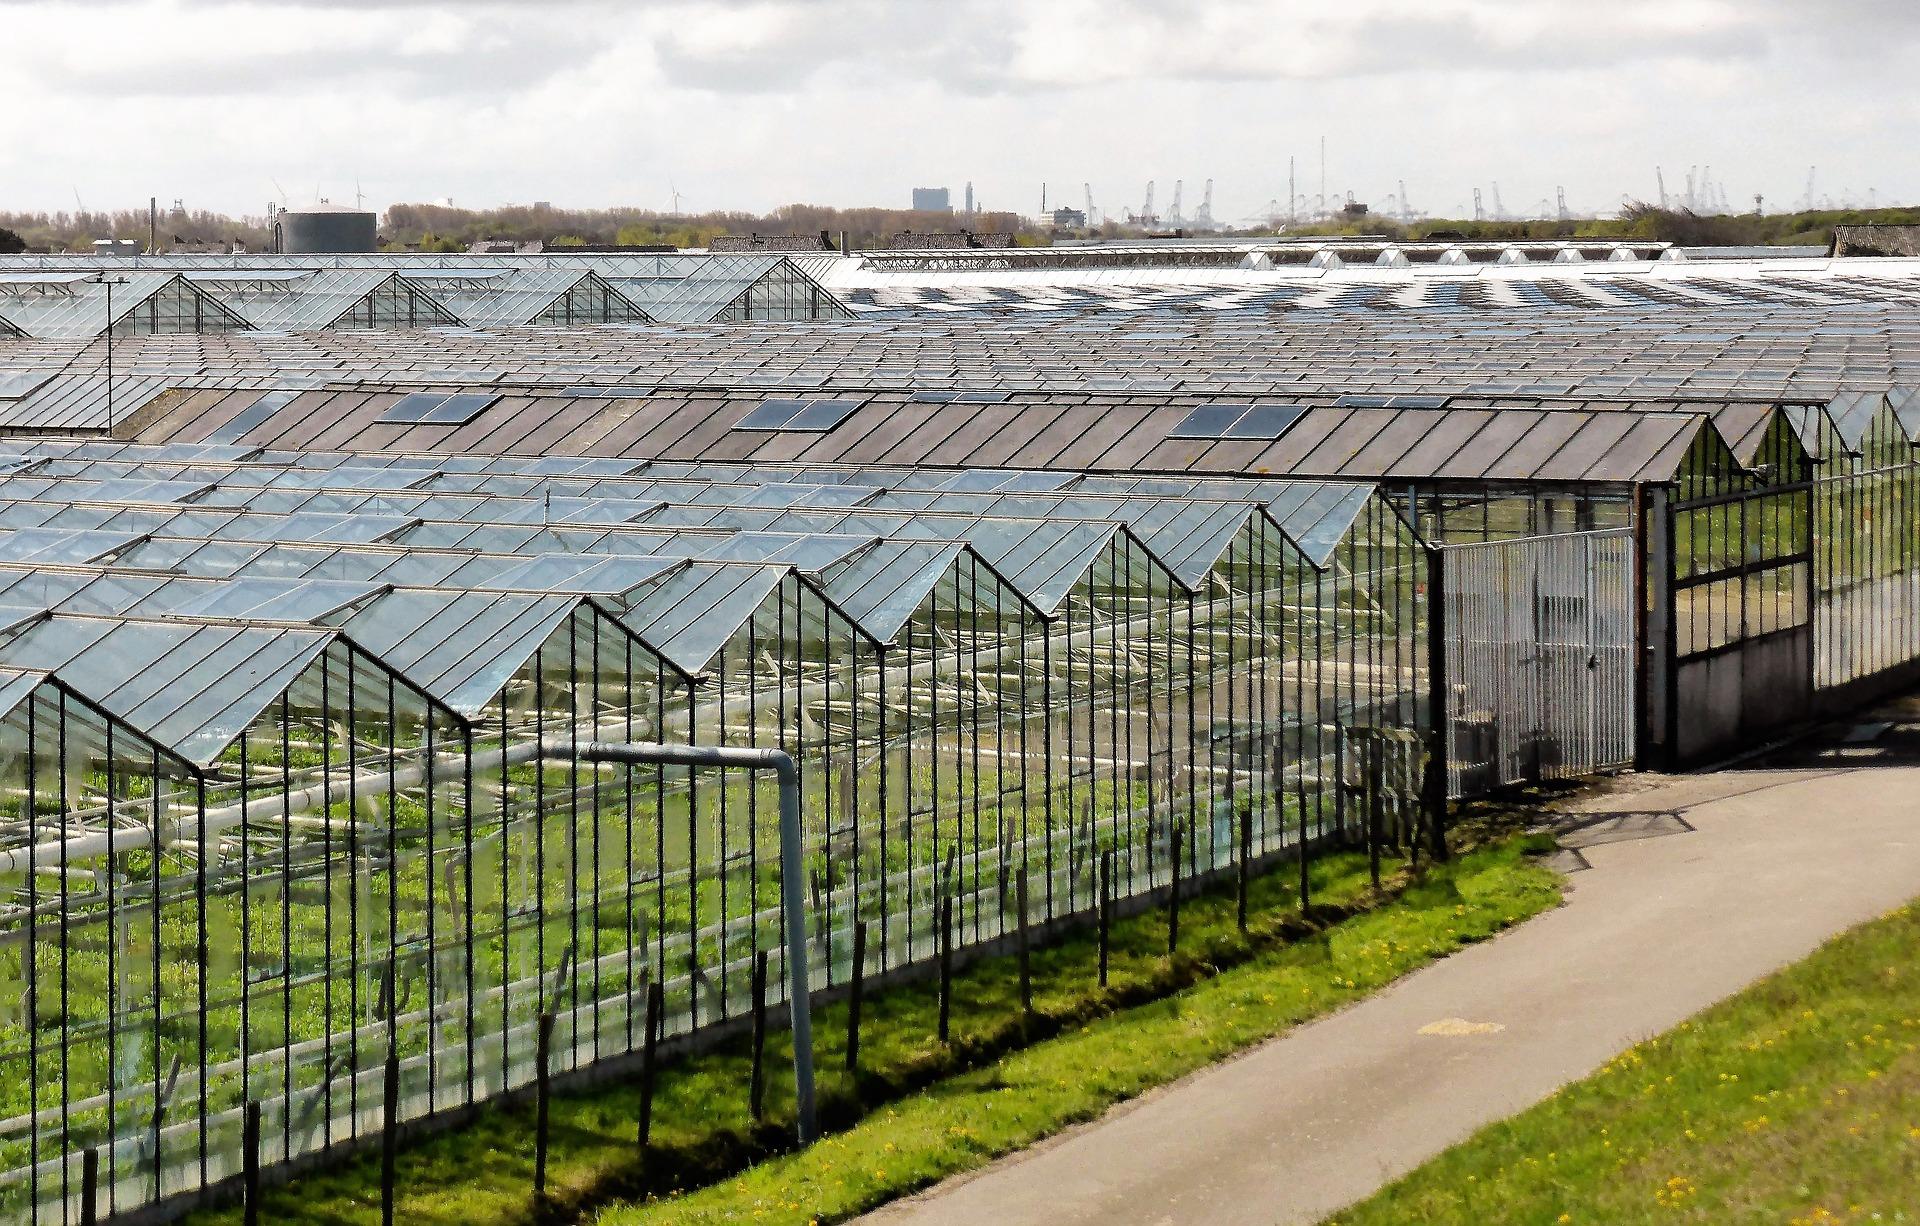 Kassen uitzicht Naaldwijk